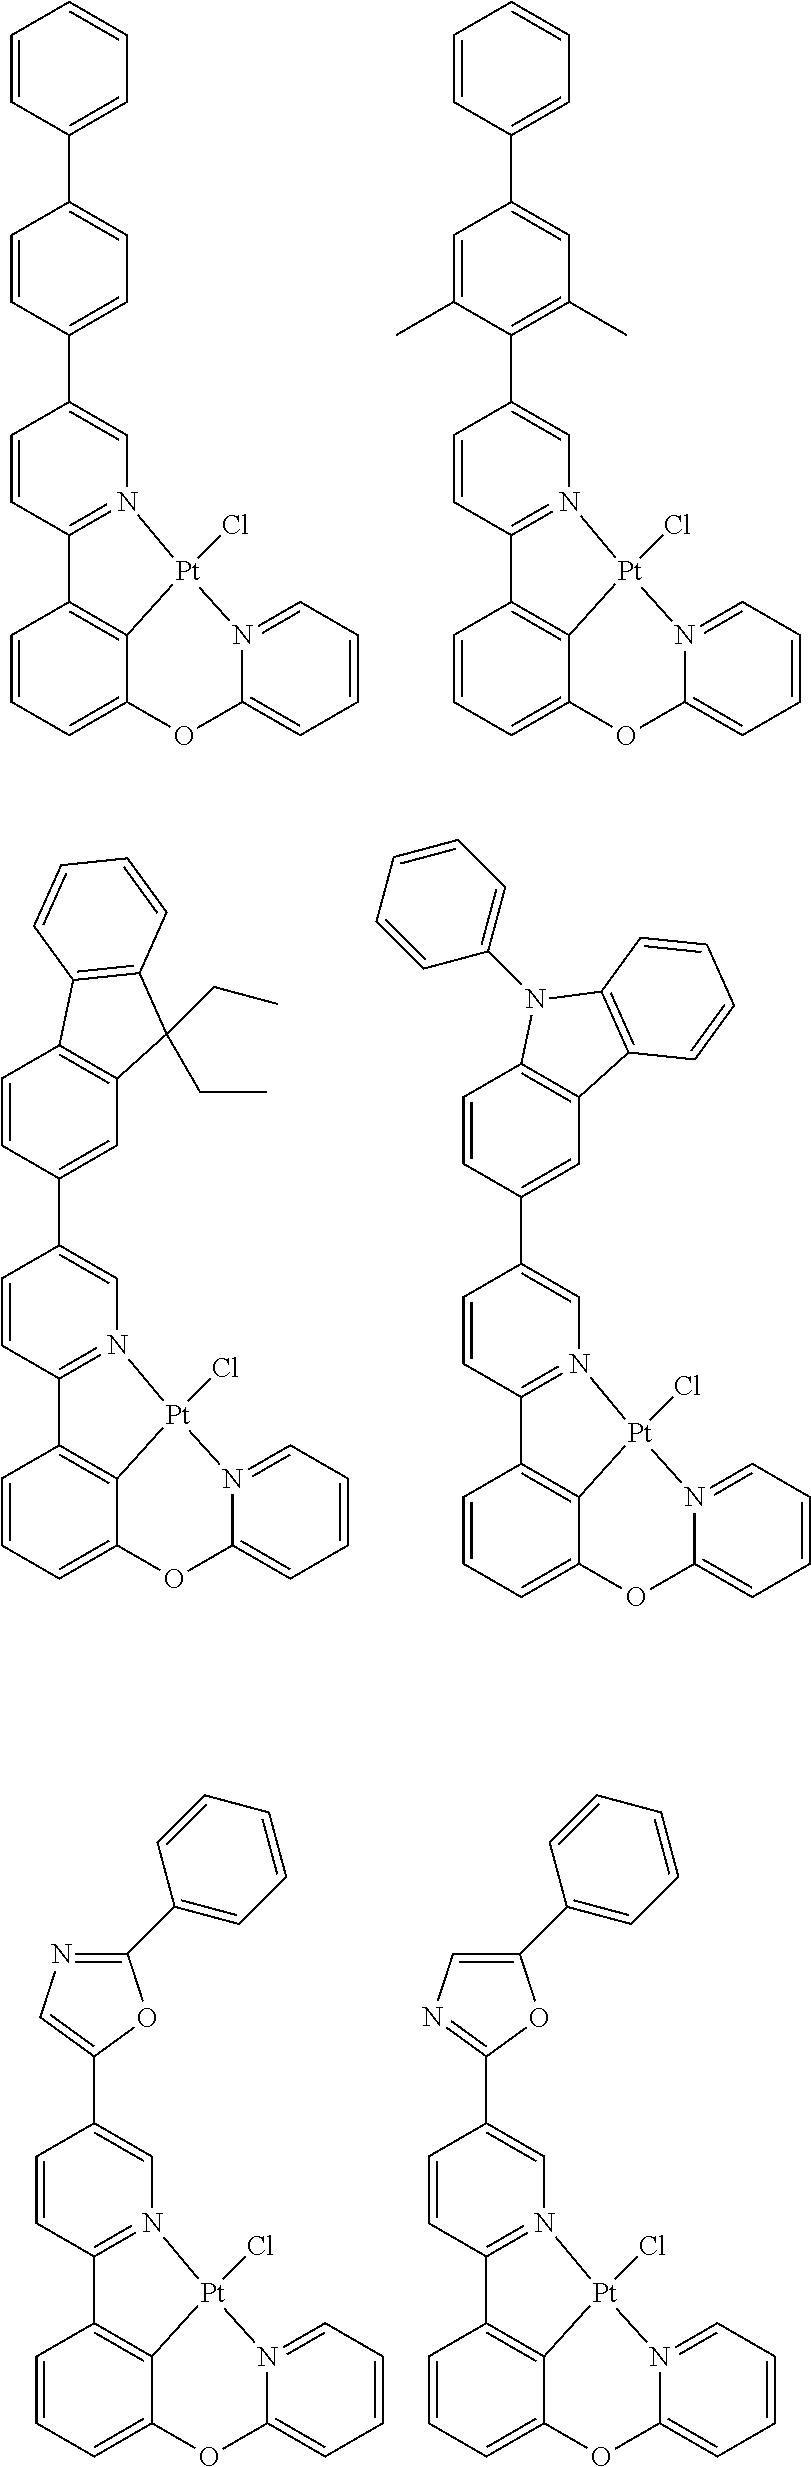 Figure US09818959-20171114-C00152